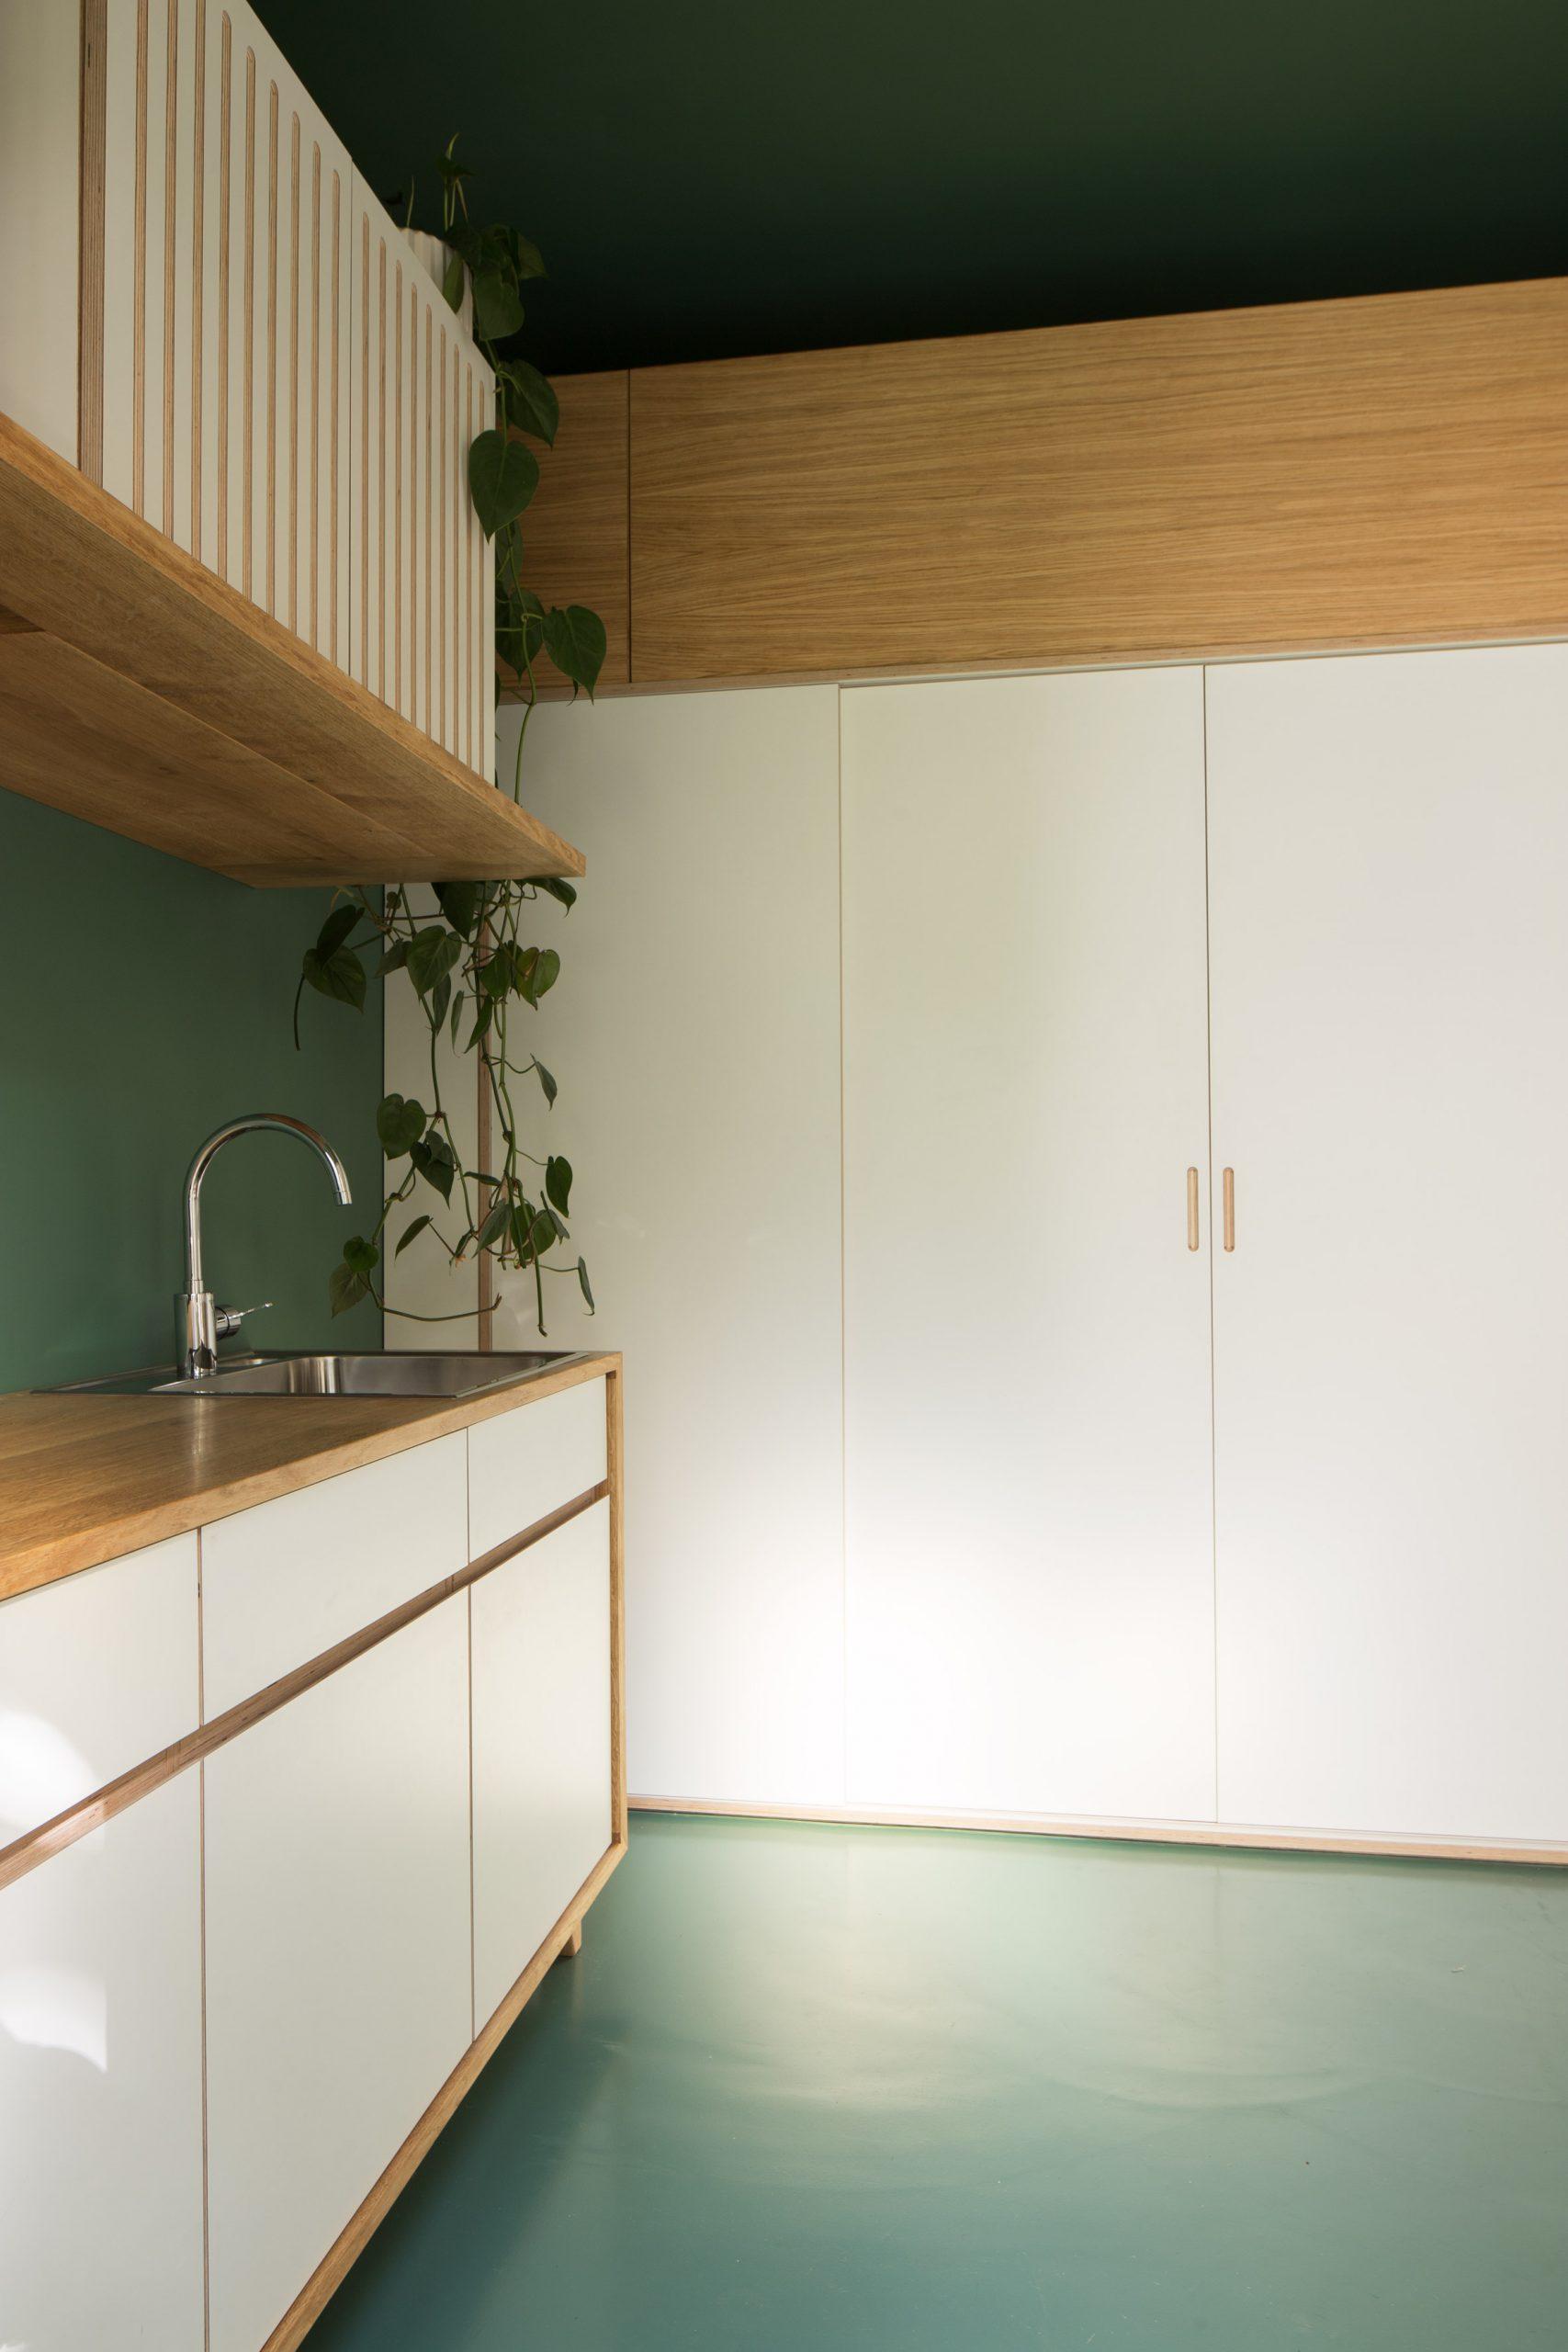 Thiết kế cầu thang cho nhà nhỏ 16